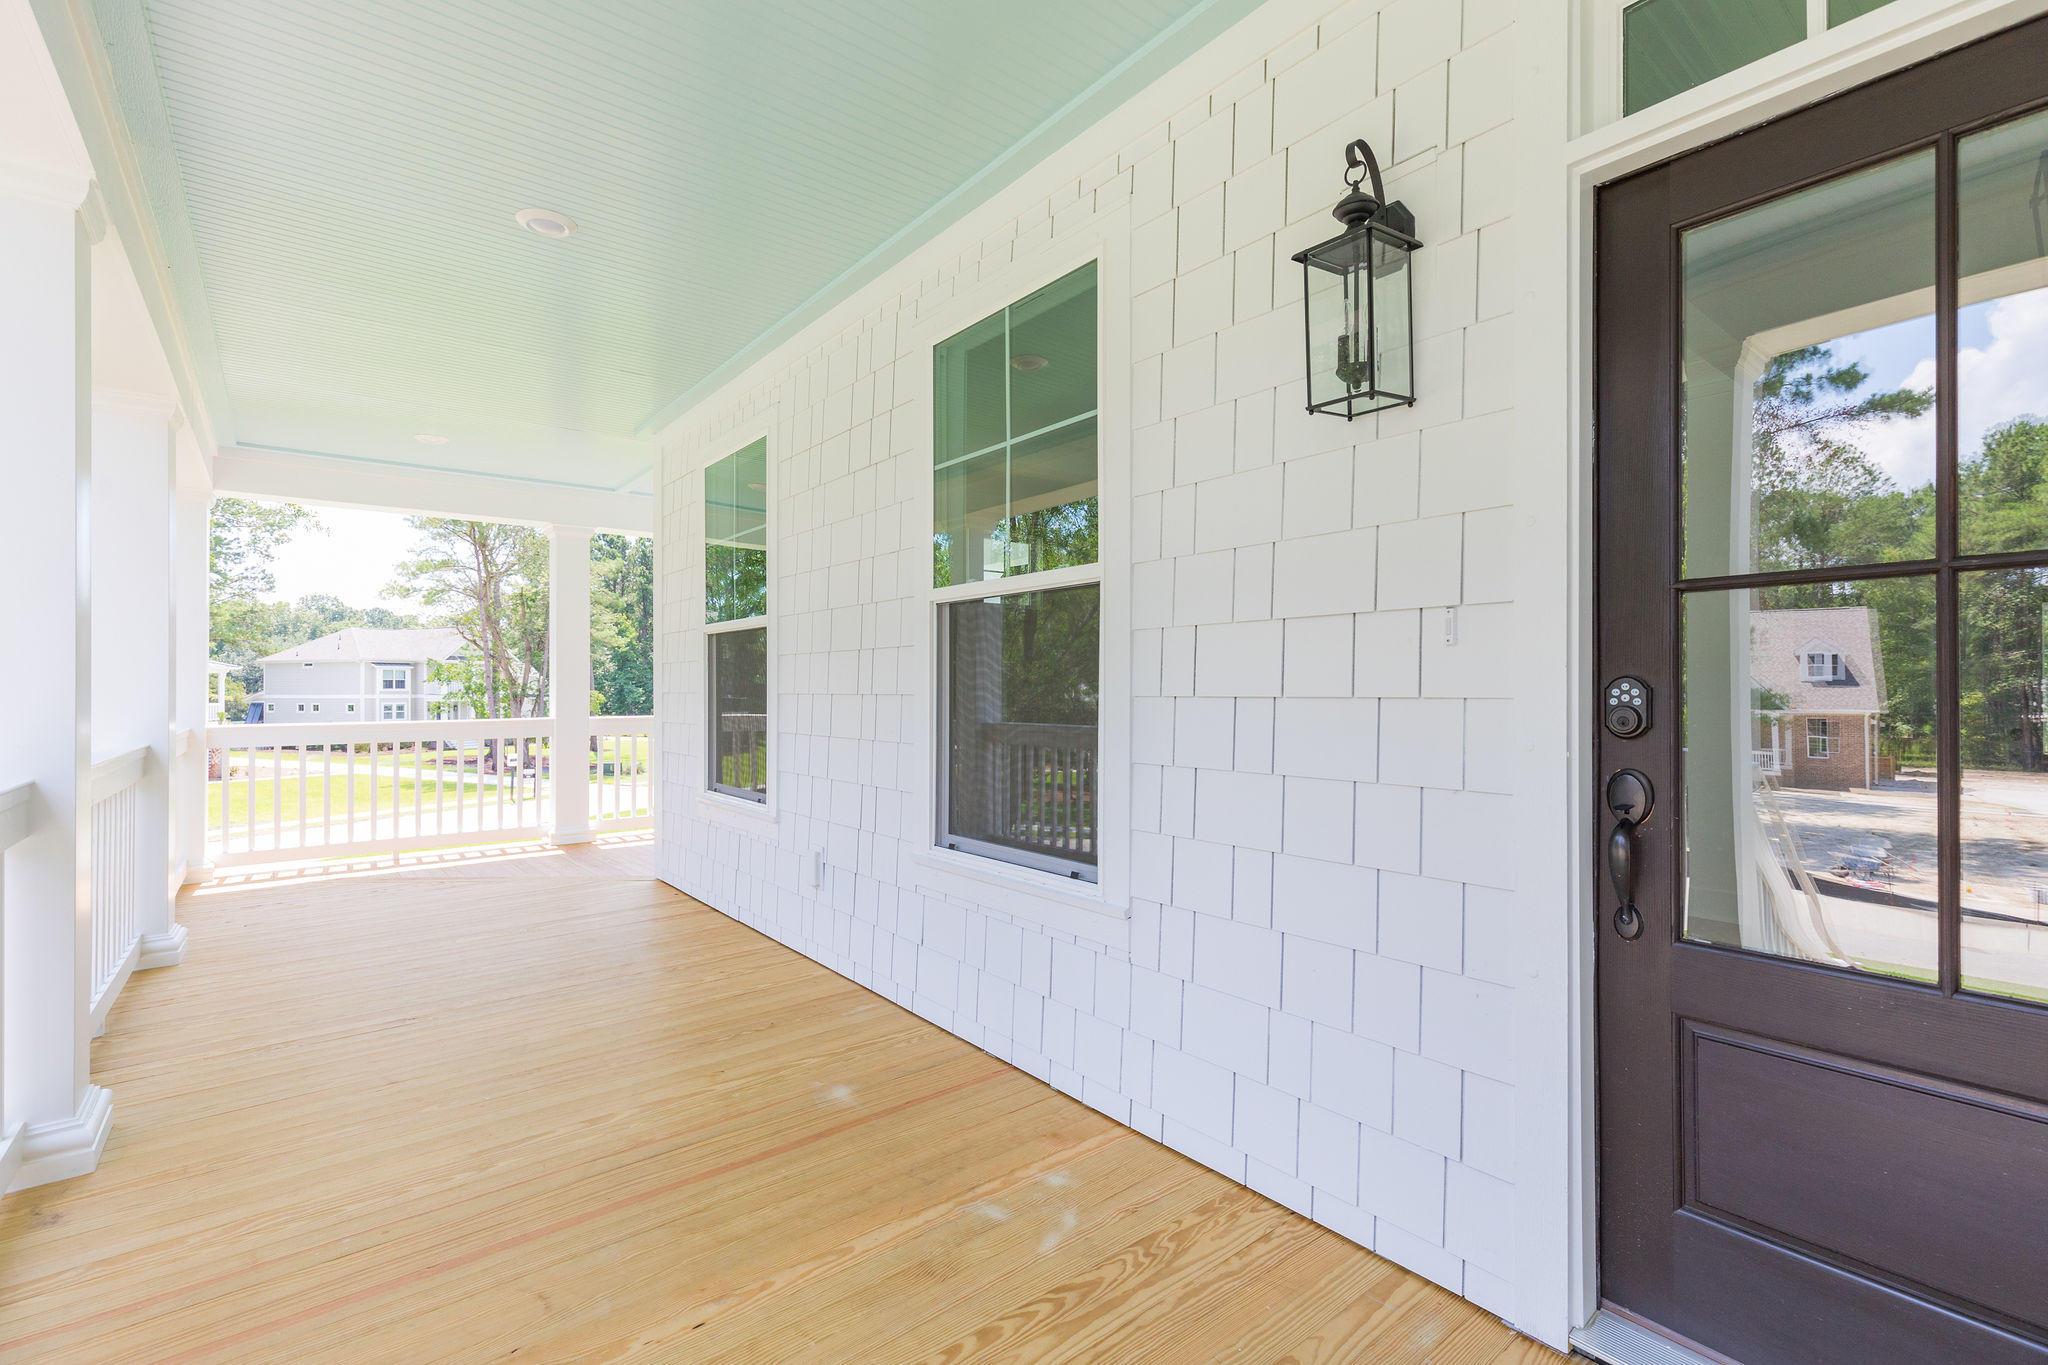 Hamlin Plantation Homes For Sale - 4902 Sound View, Mount Pleasant, SC - 18